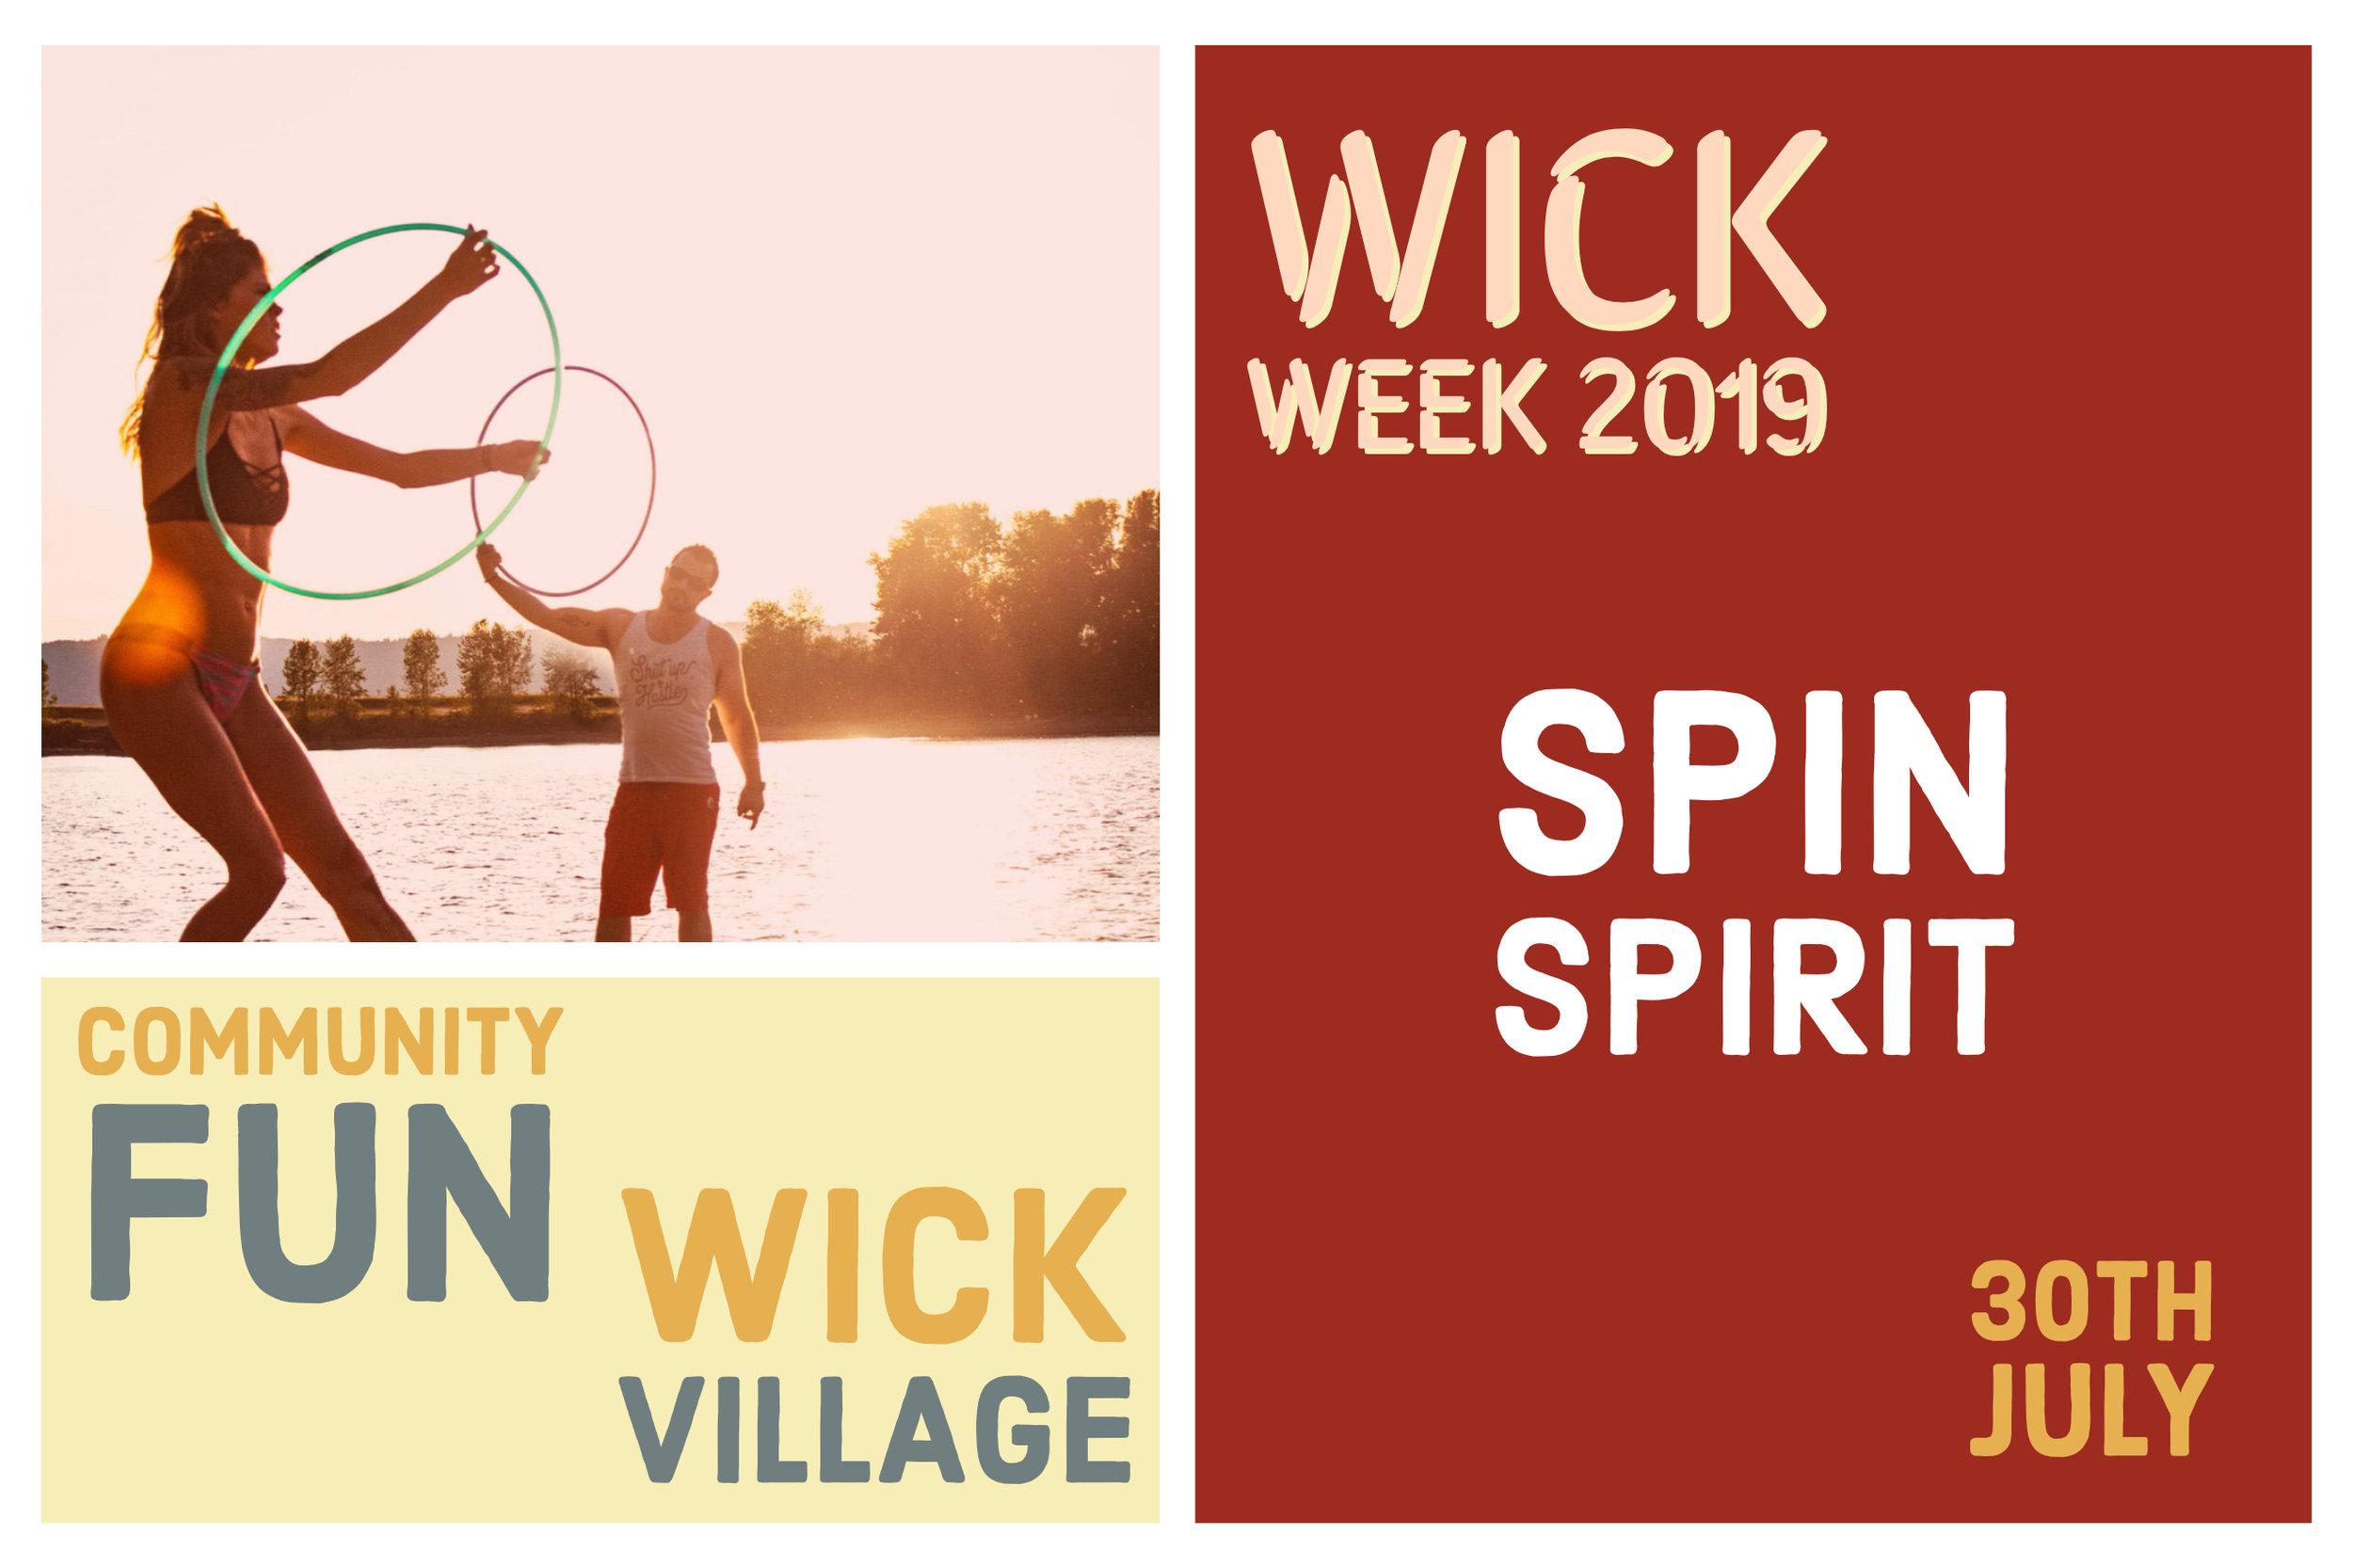 Wick Week 2019 - Spin Spirit.